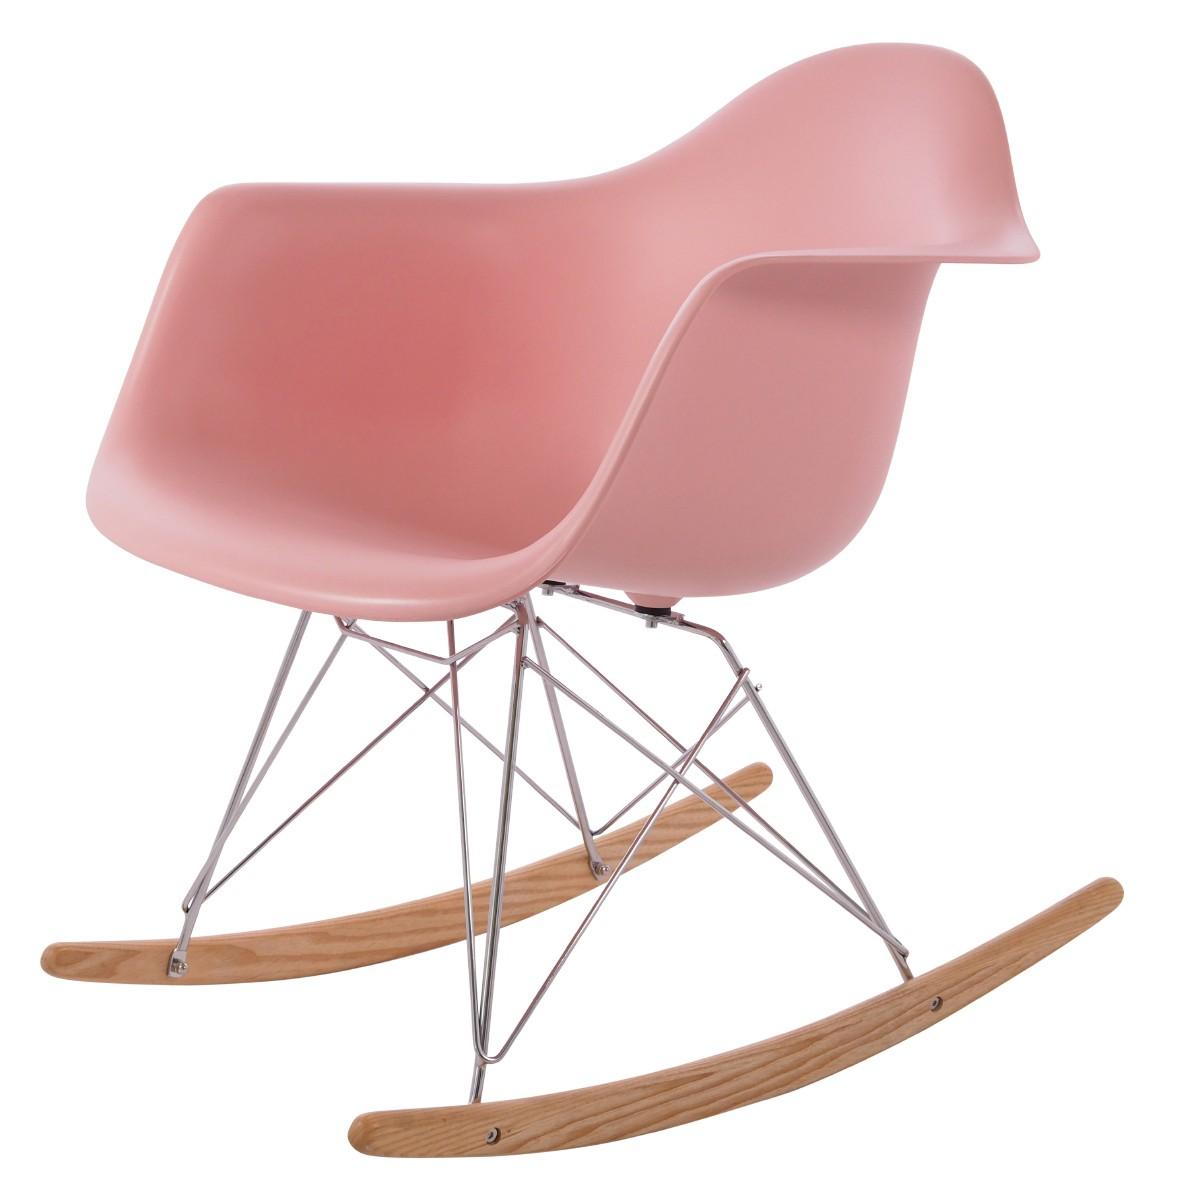 Bouwtekening Houten Schommelstoel.Charles Eames Schommelstoel Rar Chroom Frame Schommelstoel Design